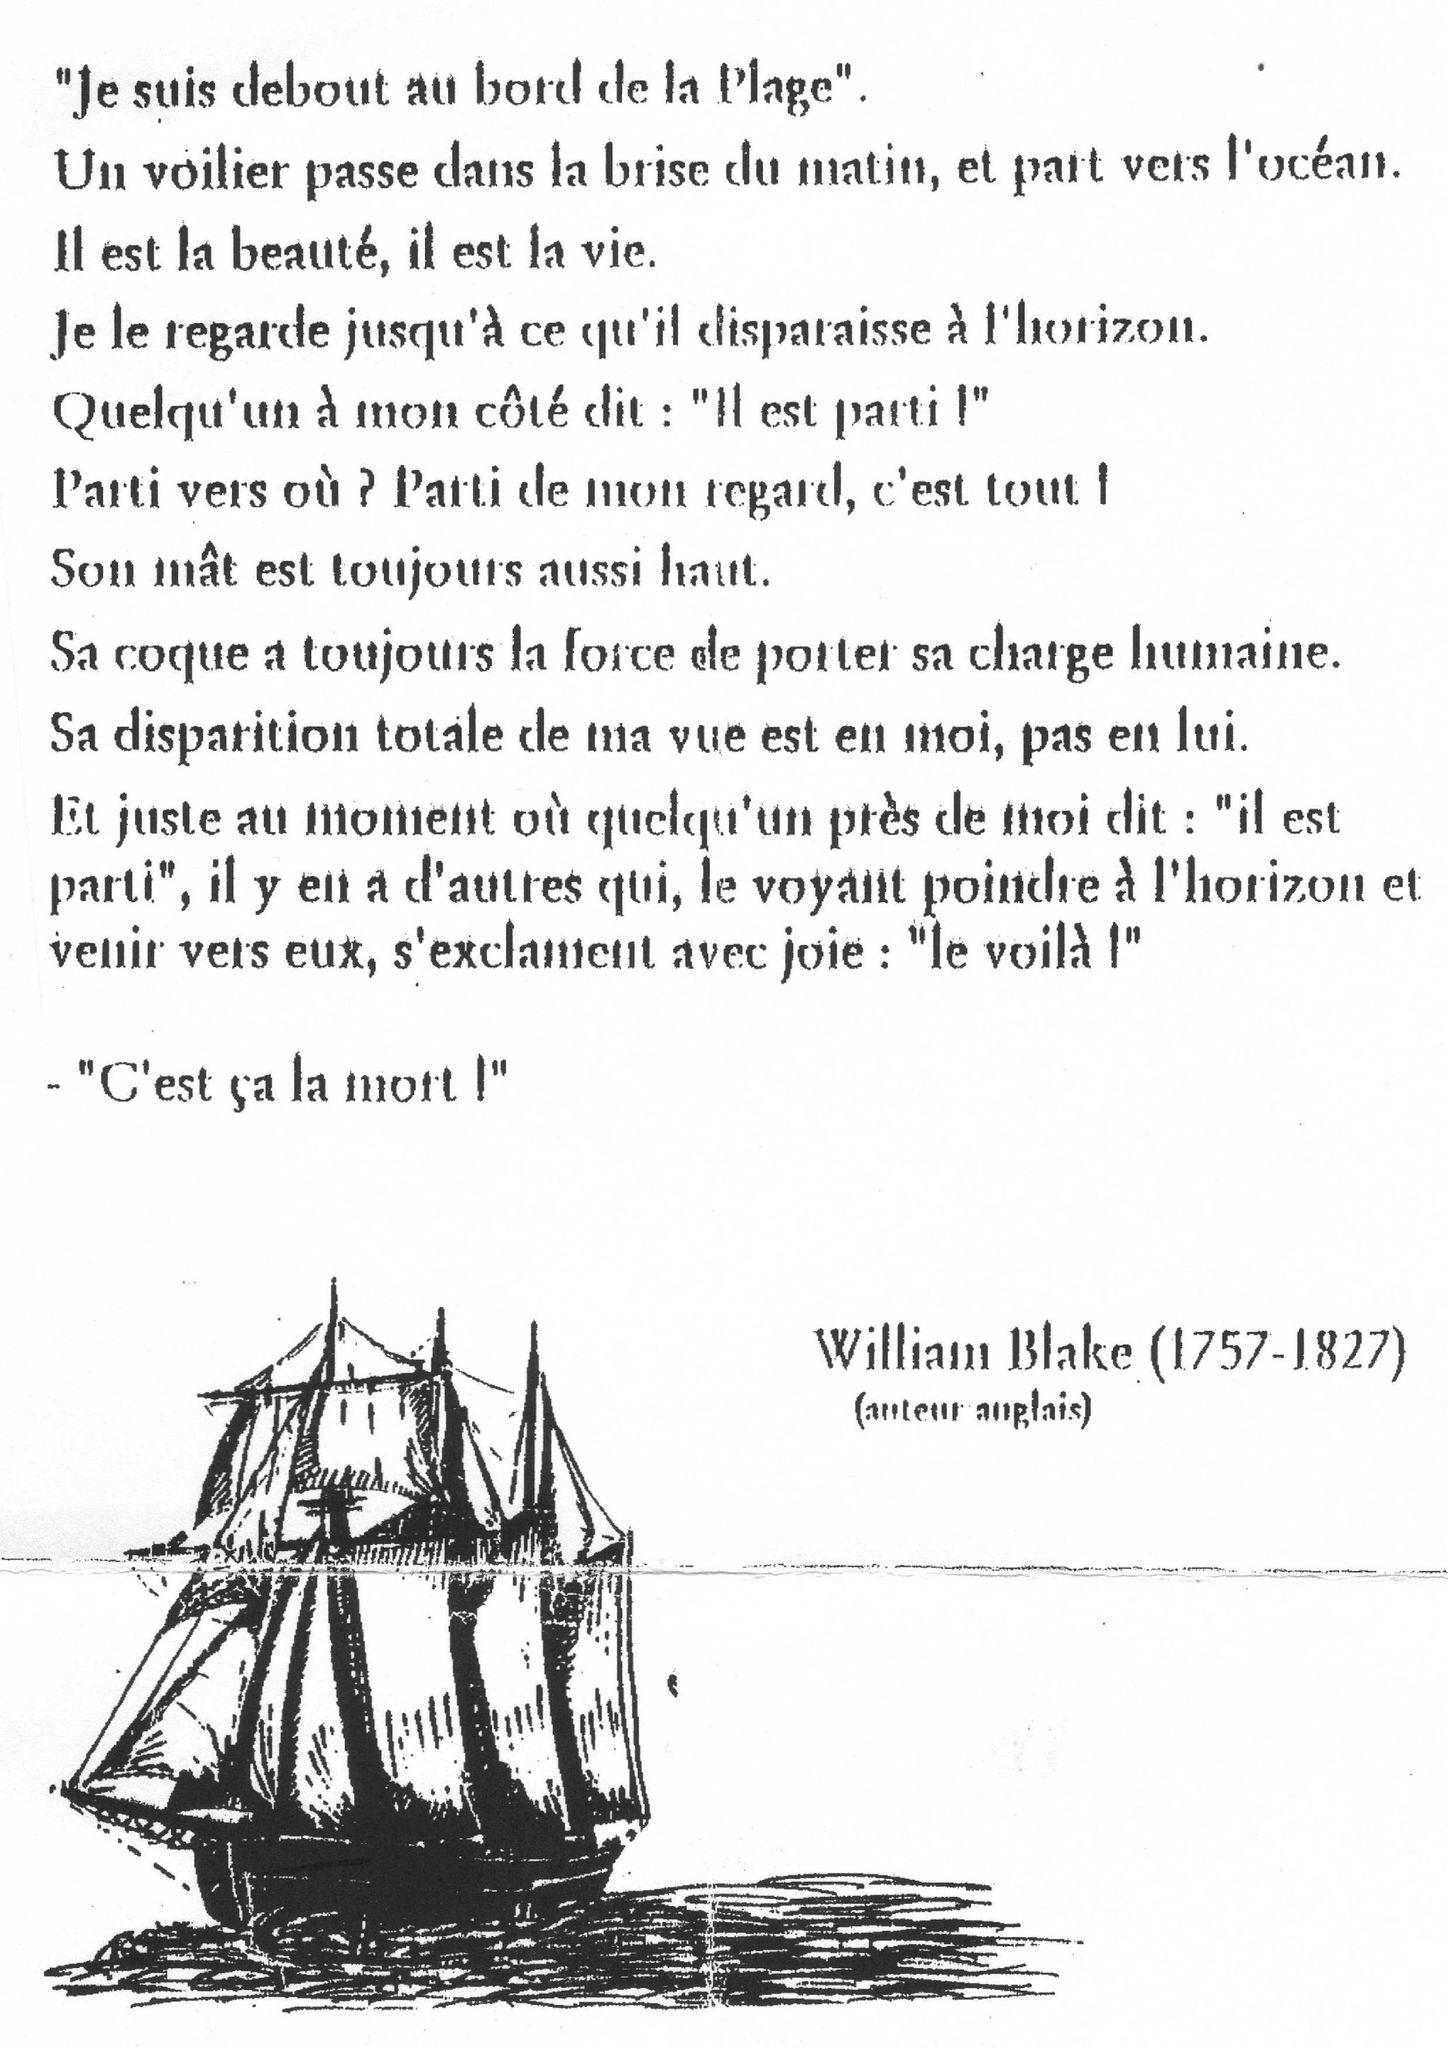 Poeme Pour Le Deces D Une Grand Mere : poeme, deces, grand, Texte, Fille, Marie, L'église, Décès, Grand-mère..., Jocelyne, Semetin,, Maman...